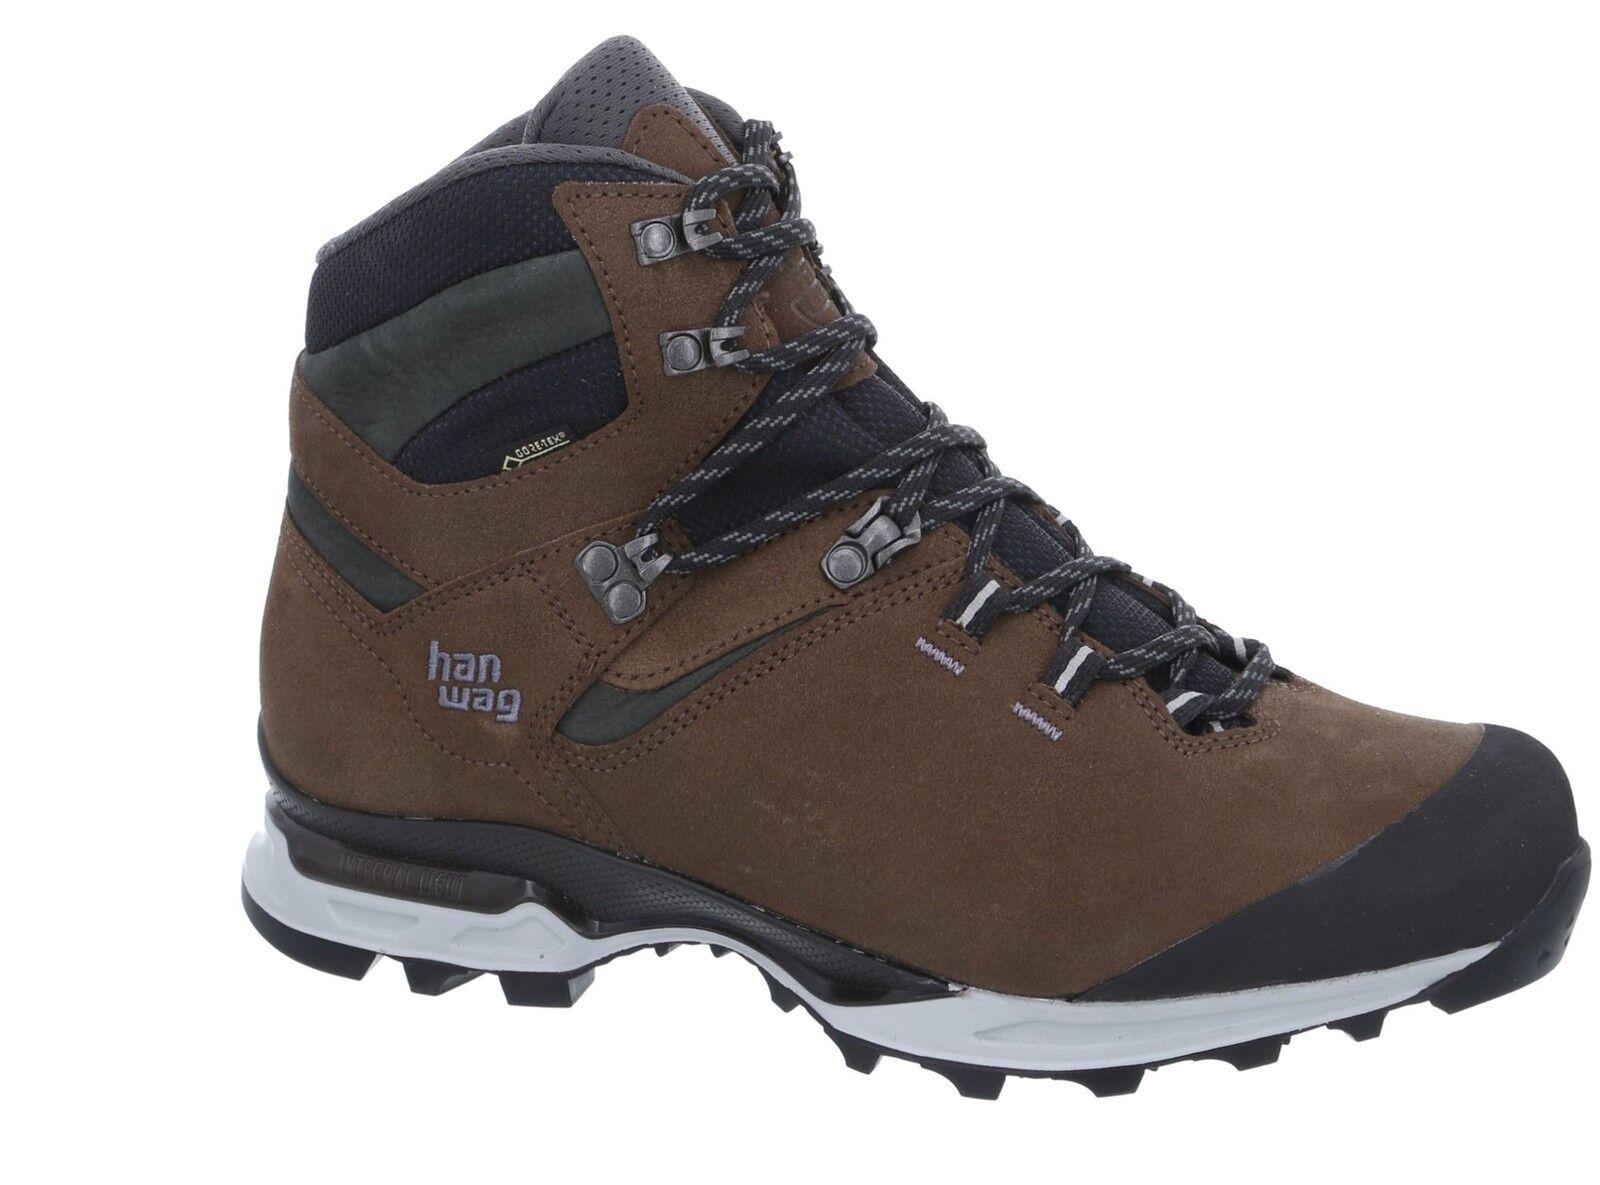 Hanwag montaña zapatos Tatra light GTX talla 12,5 12,5 12,5 - 48 marrón Anthracite 100b8d